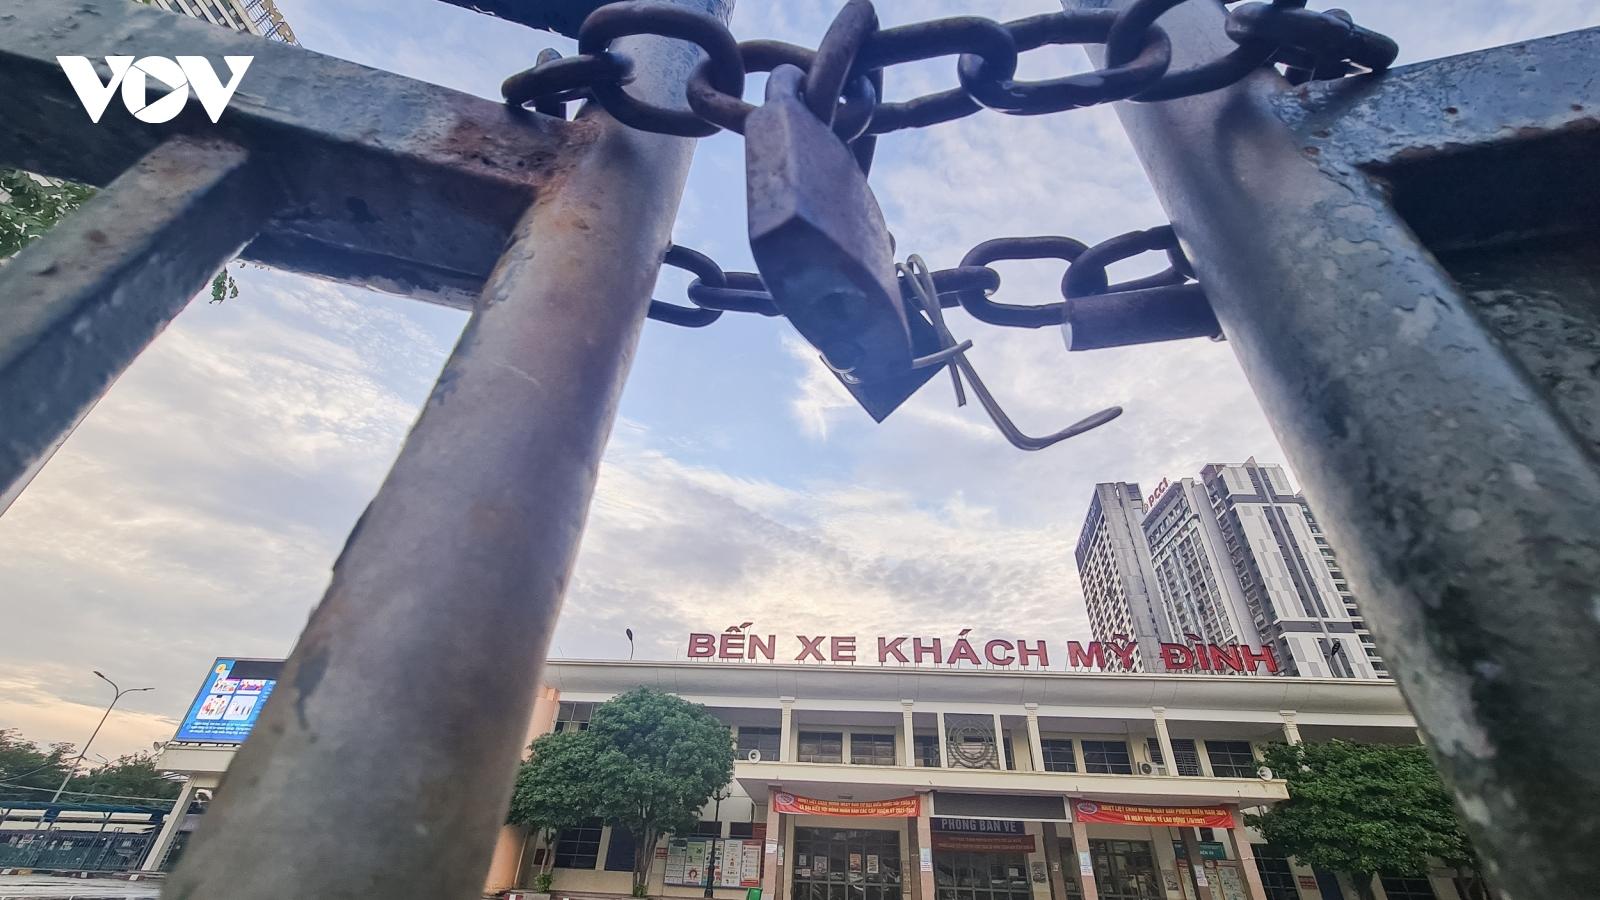 Quang cảnh vắng lặng tại các bến xe ở Hà Nội trong thời gian giãn cách xã hội